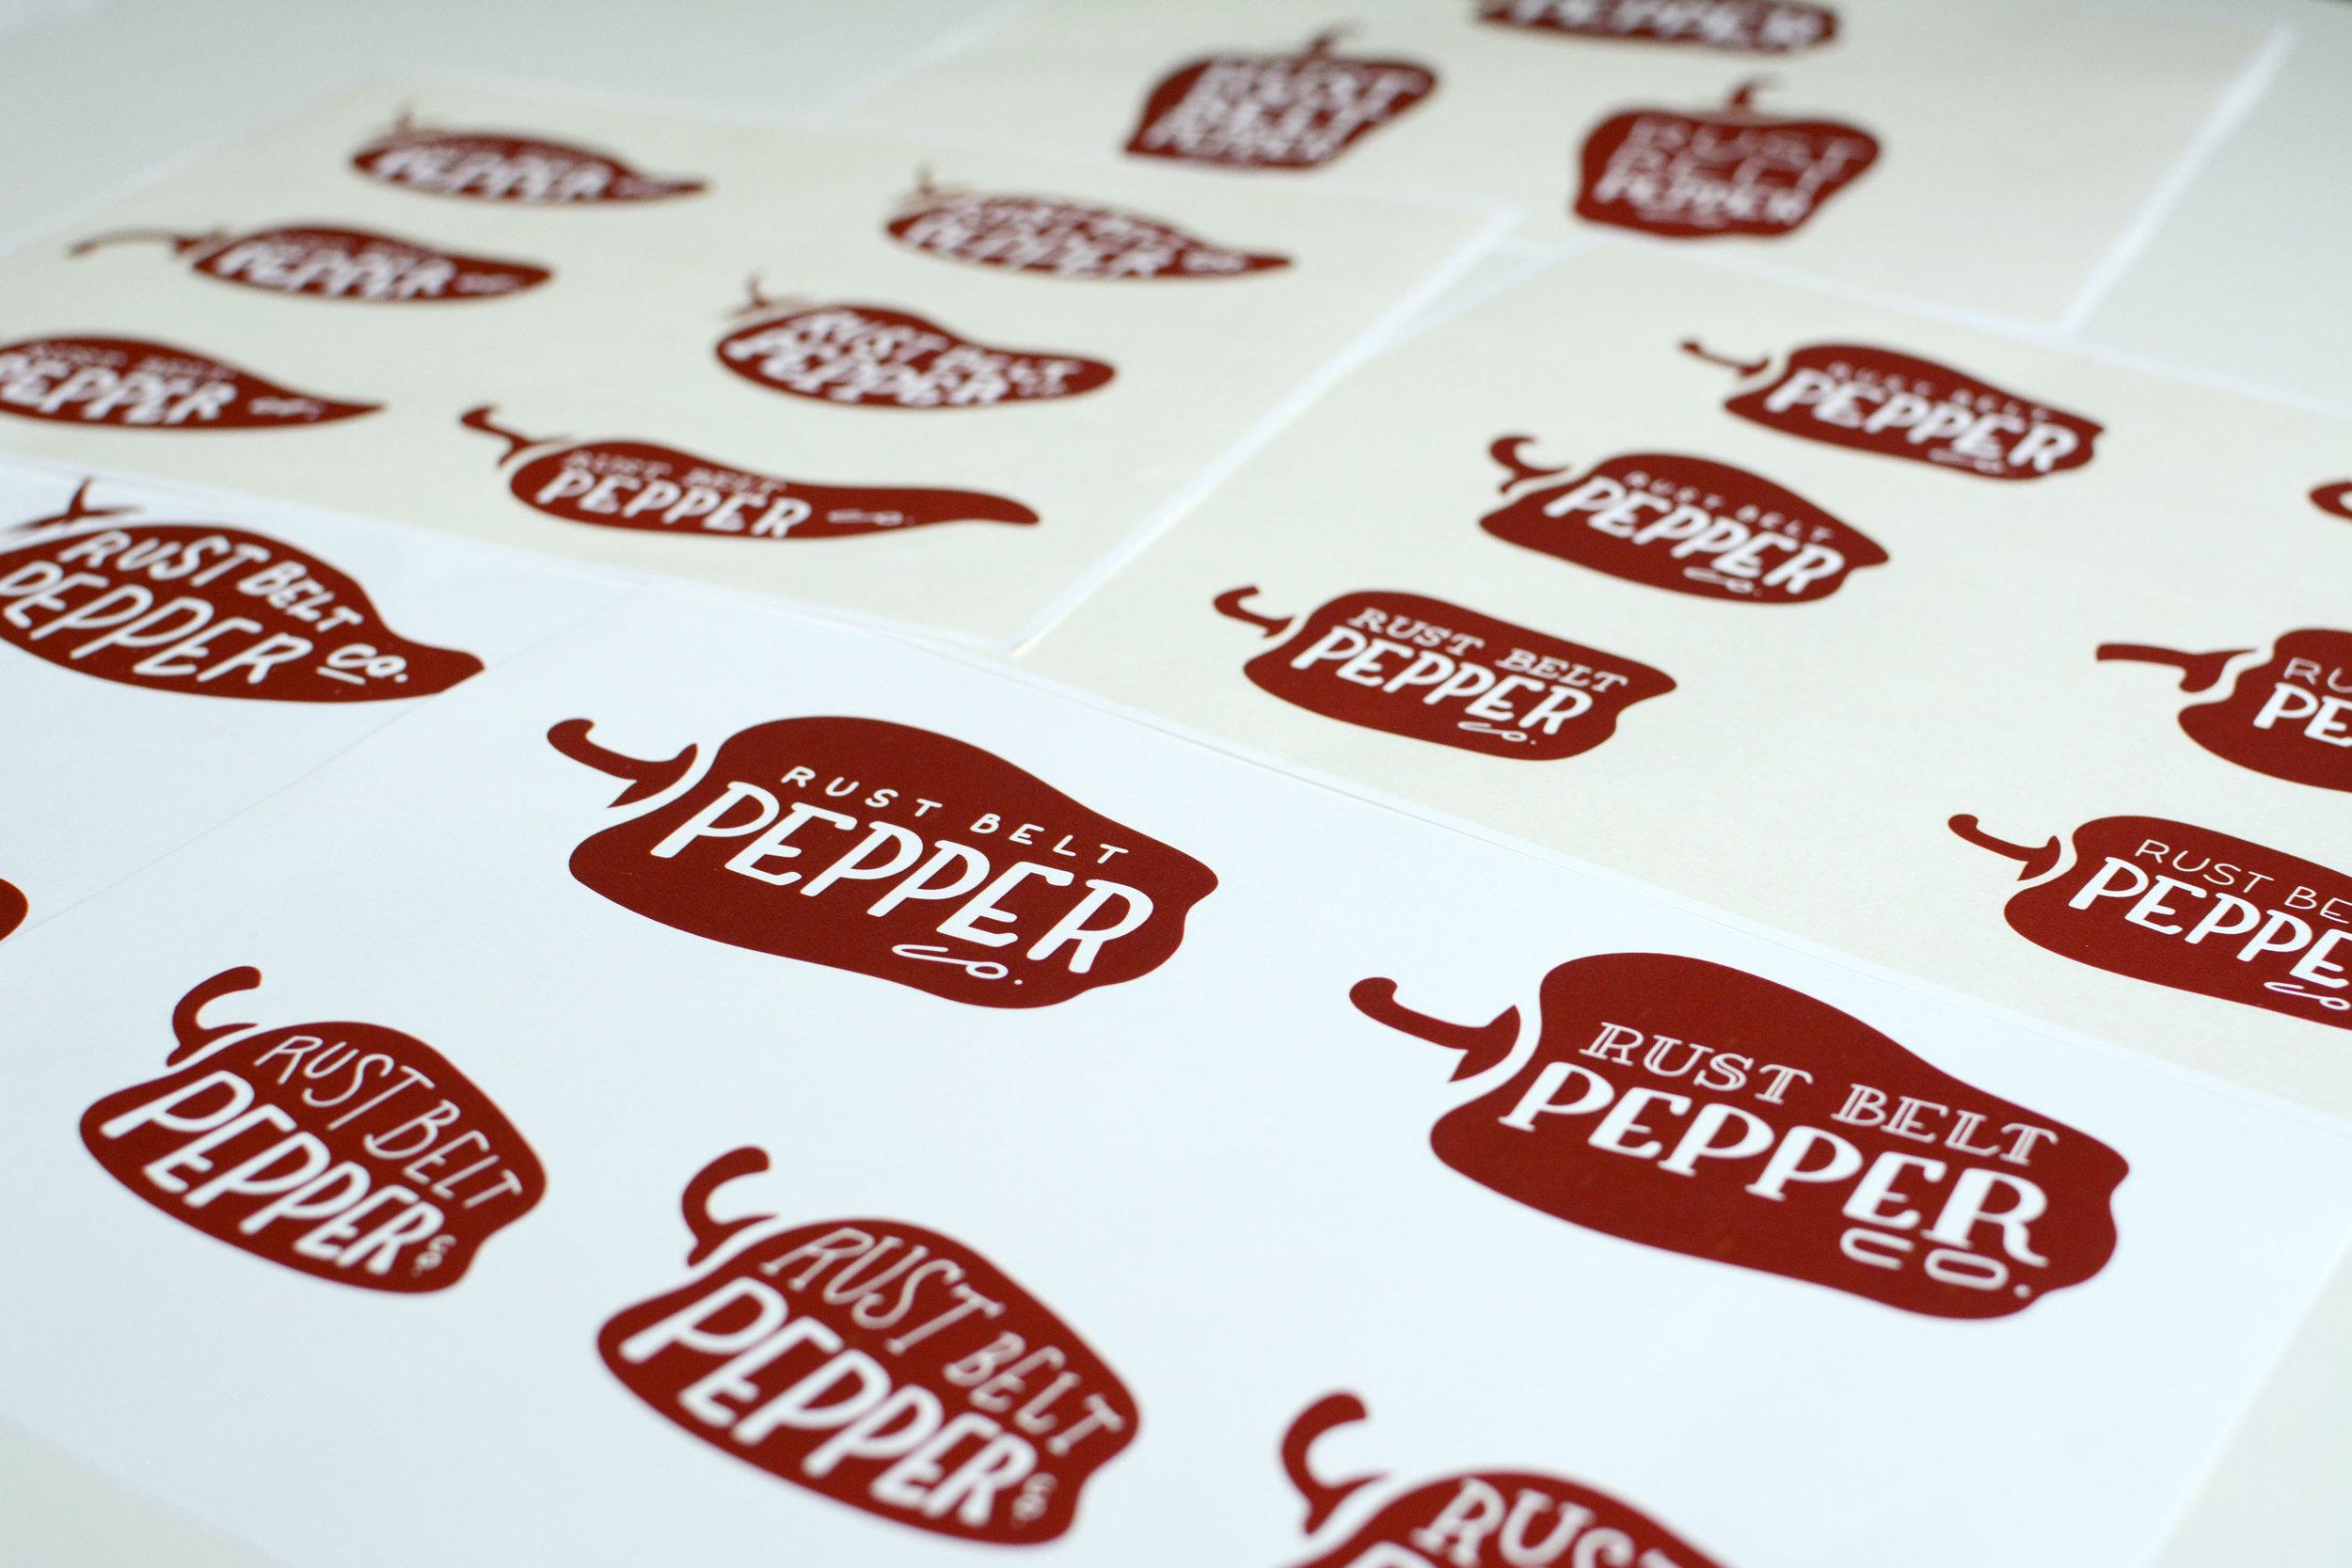 RBP_peppers_process.jpg